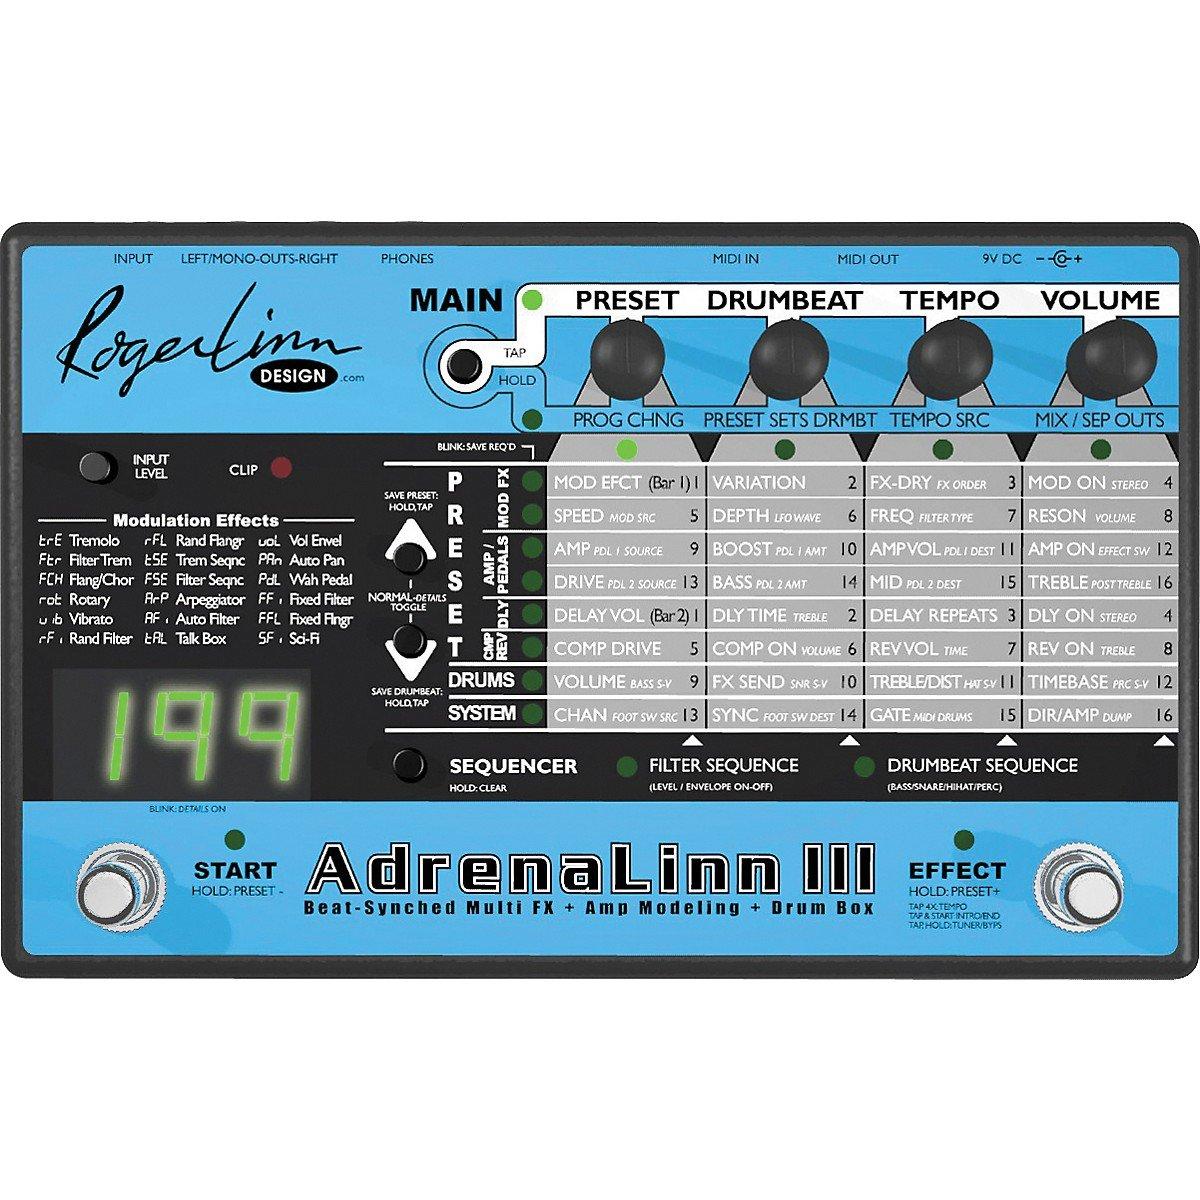 Roger Linn Design Adrenalinn Iii Guitar Effects Wah Pedal 1993 Processor Musical Instruments